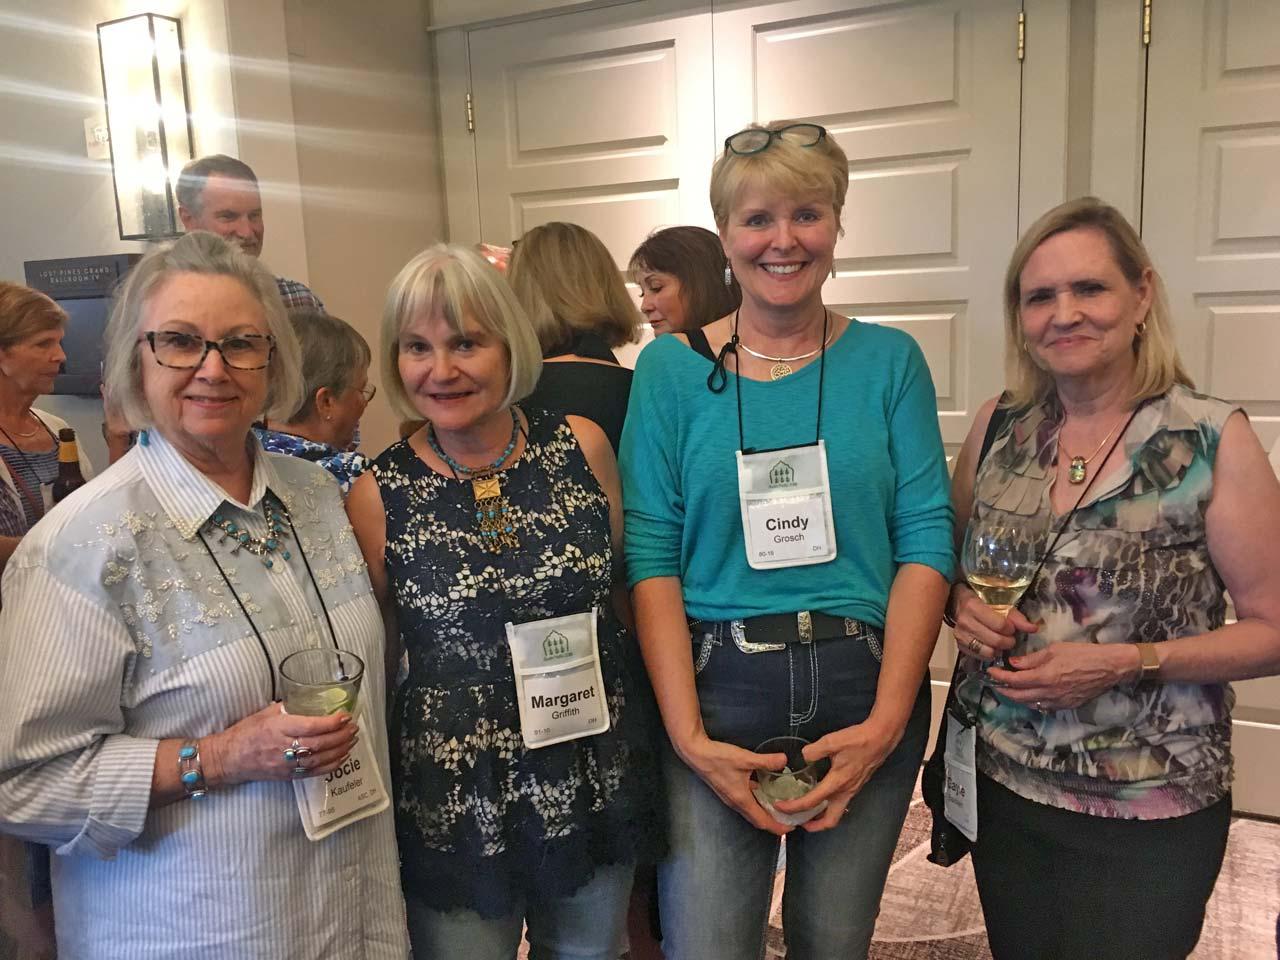 Josie Kaufeler, Margaret Griffith, Cindy Grosch, and Gayle Baldwin